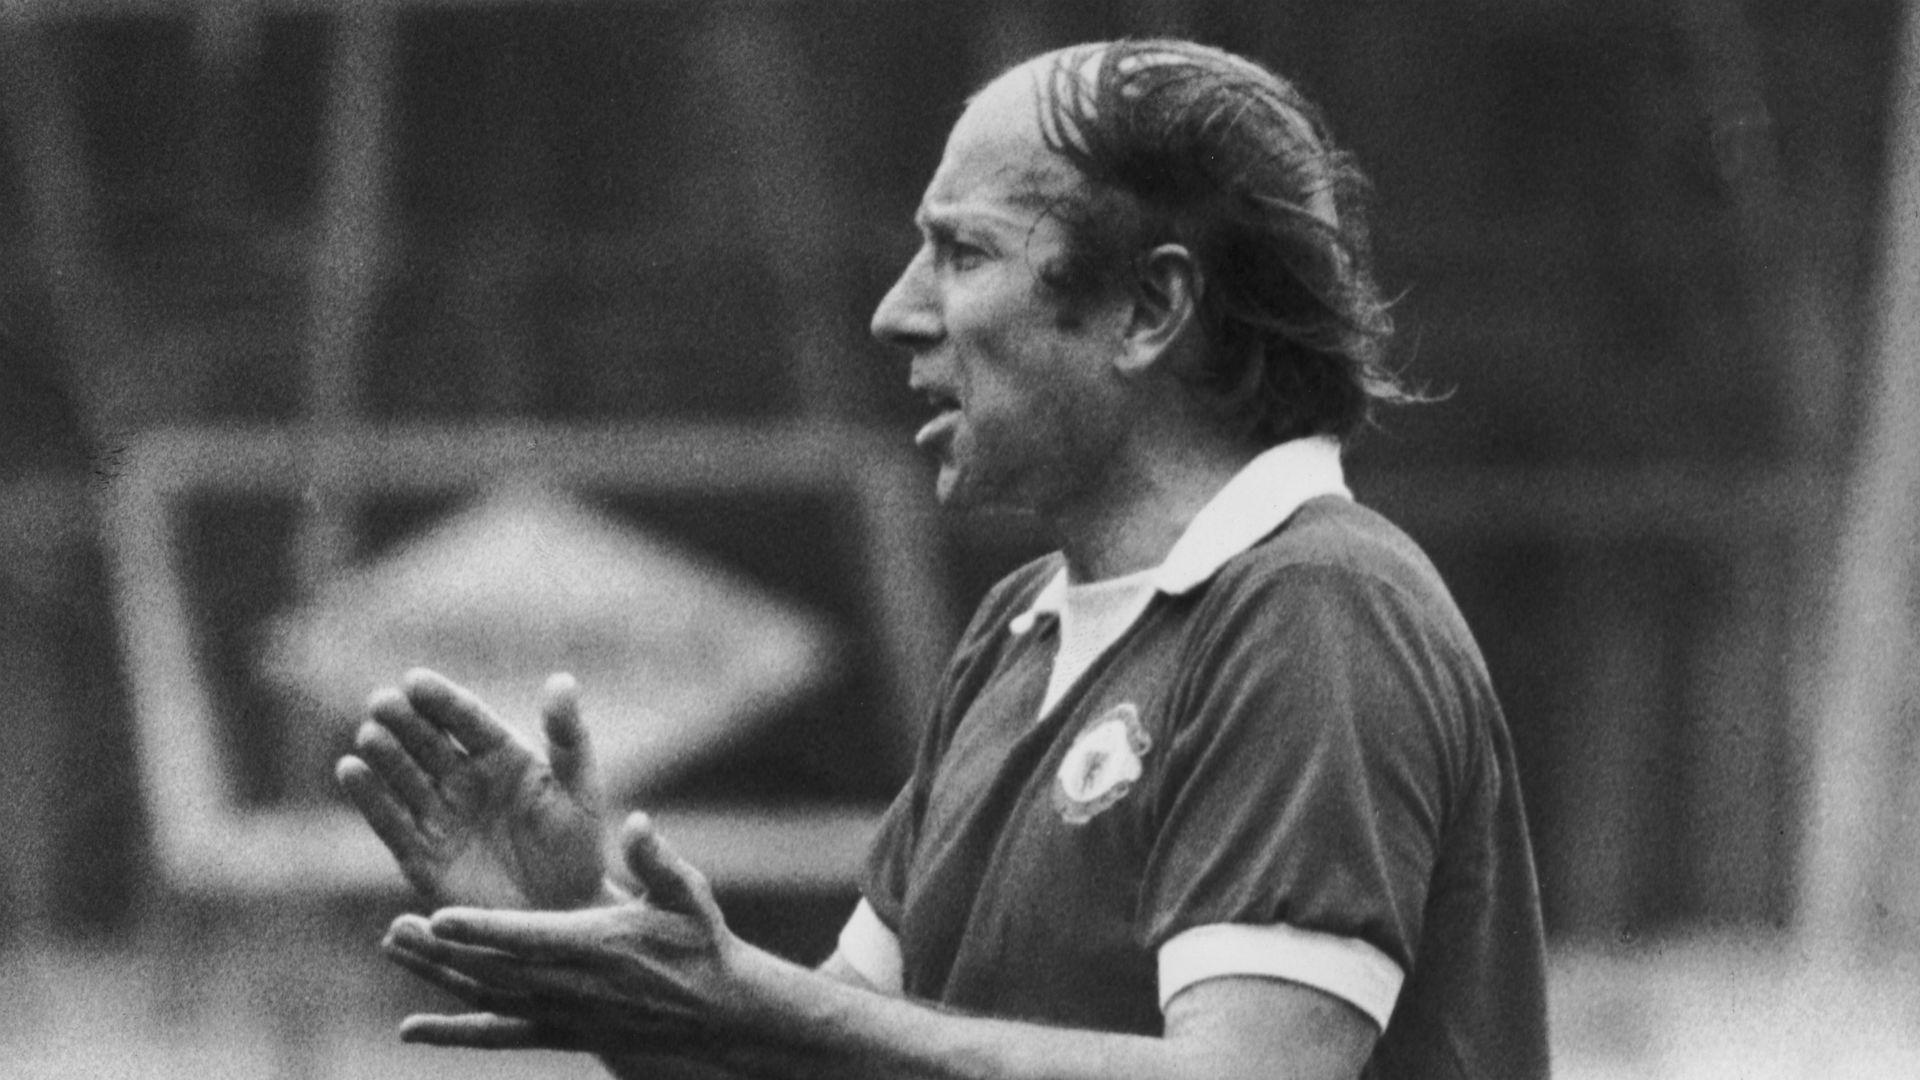 Bobby Charlton Manchester United